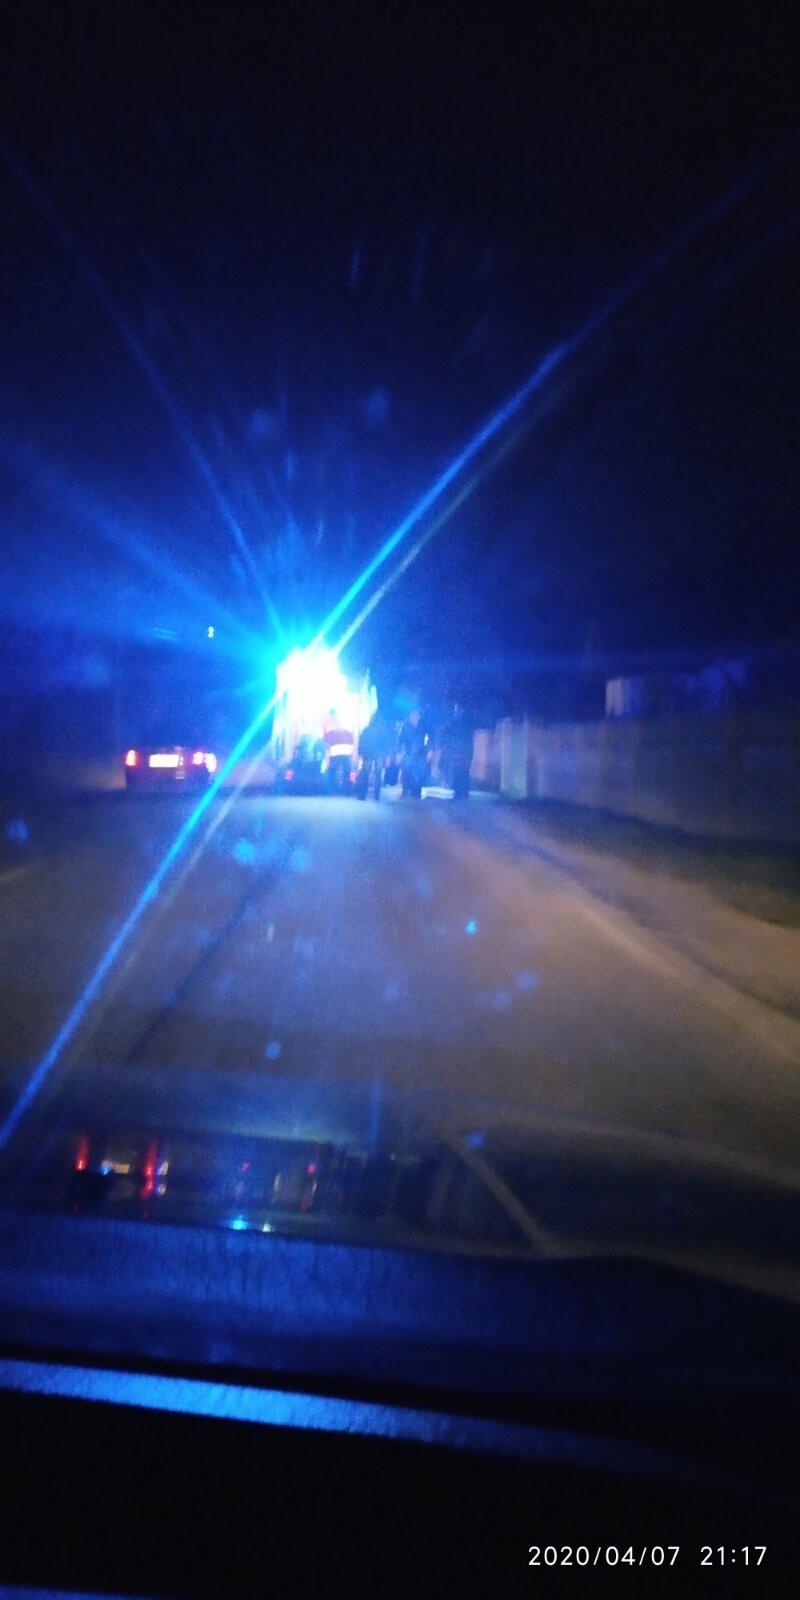 На автошляху Трускавець-Стебник ДТП - збили жінку, фото-3, Фото - 03247.com.ua